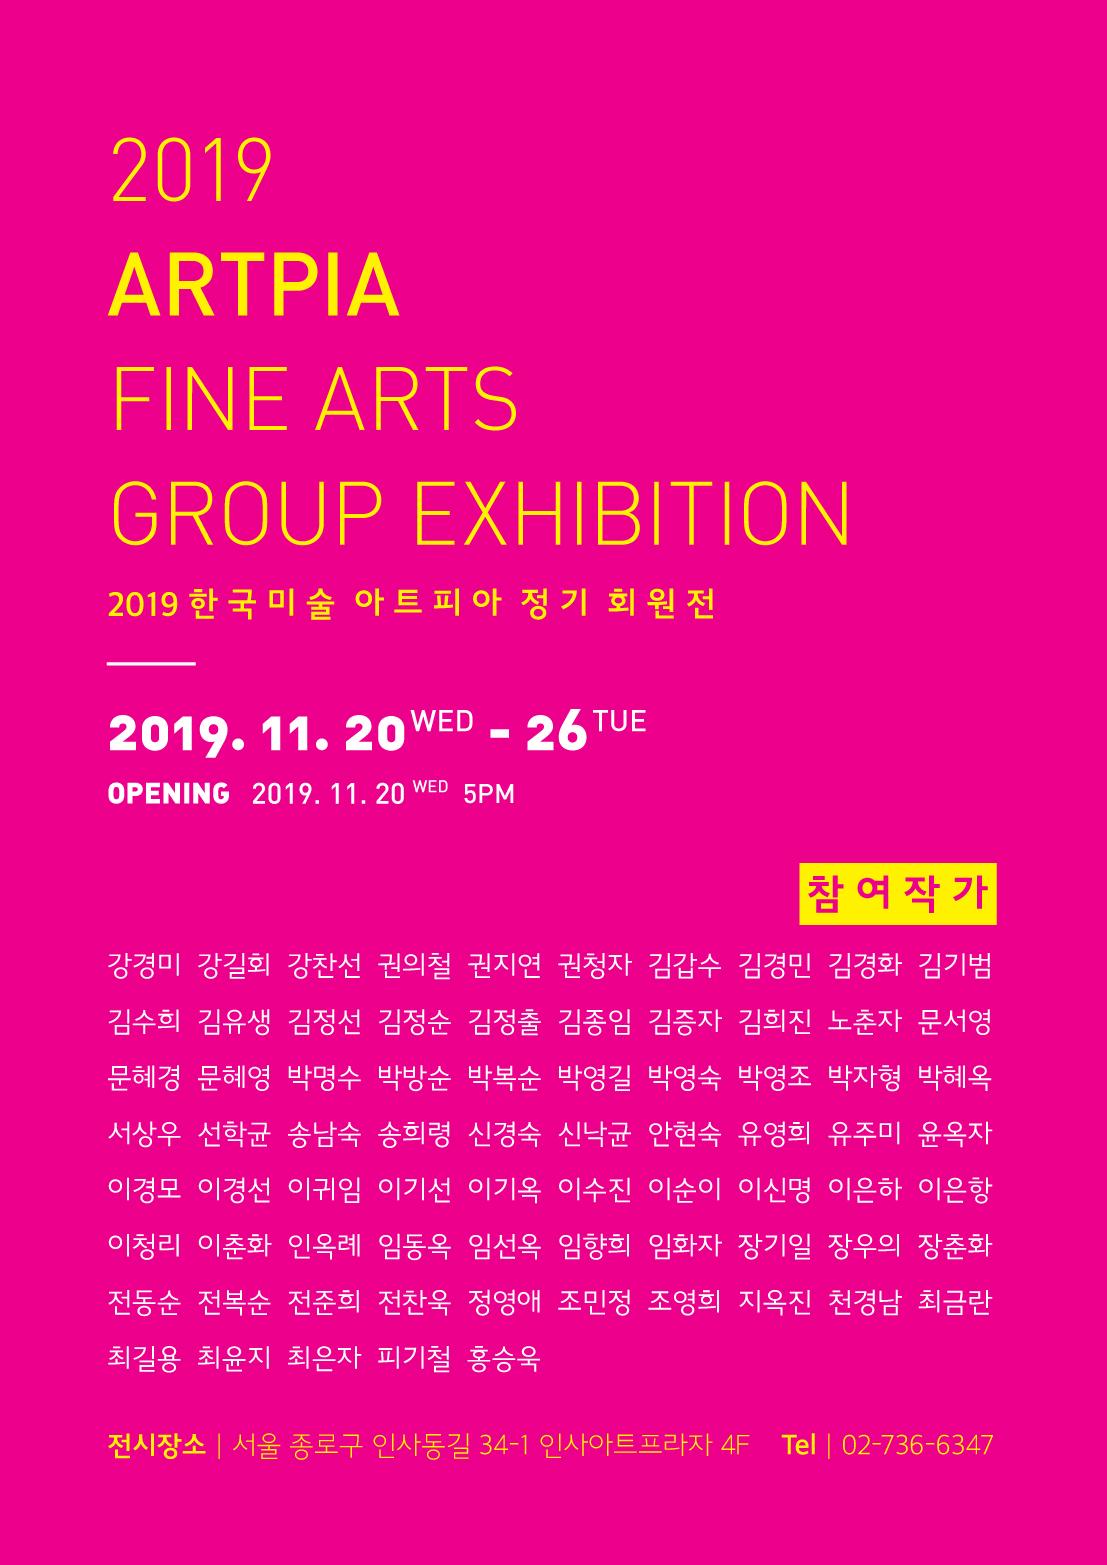 한국미술아트피아회_포스터.jpg